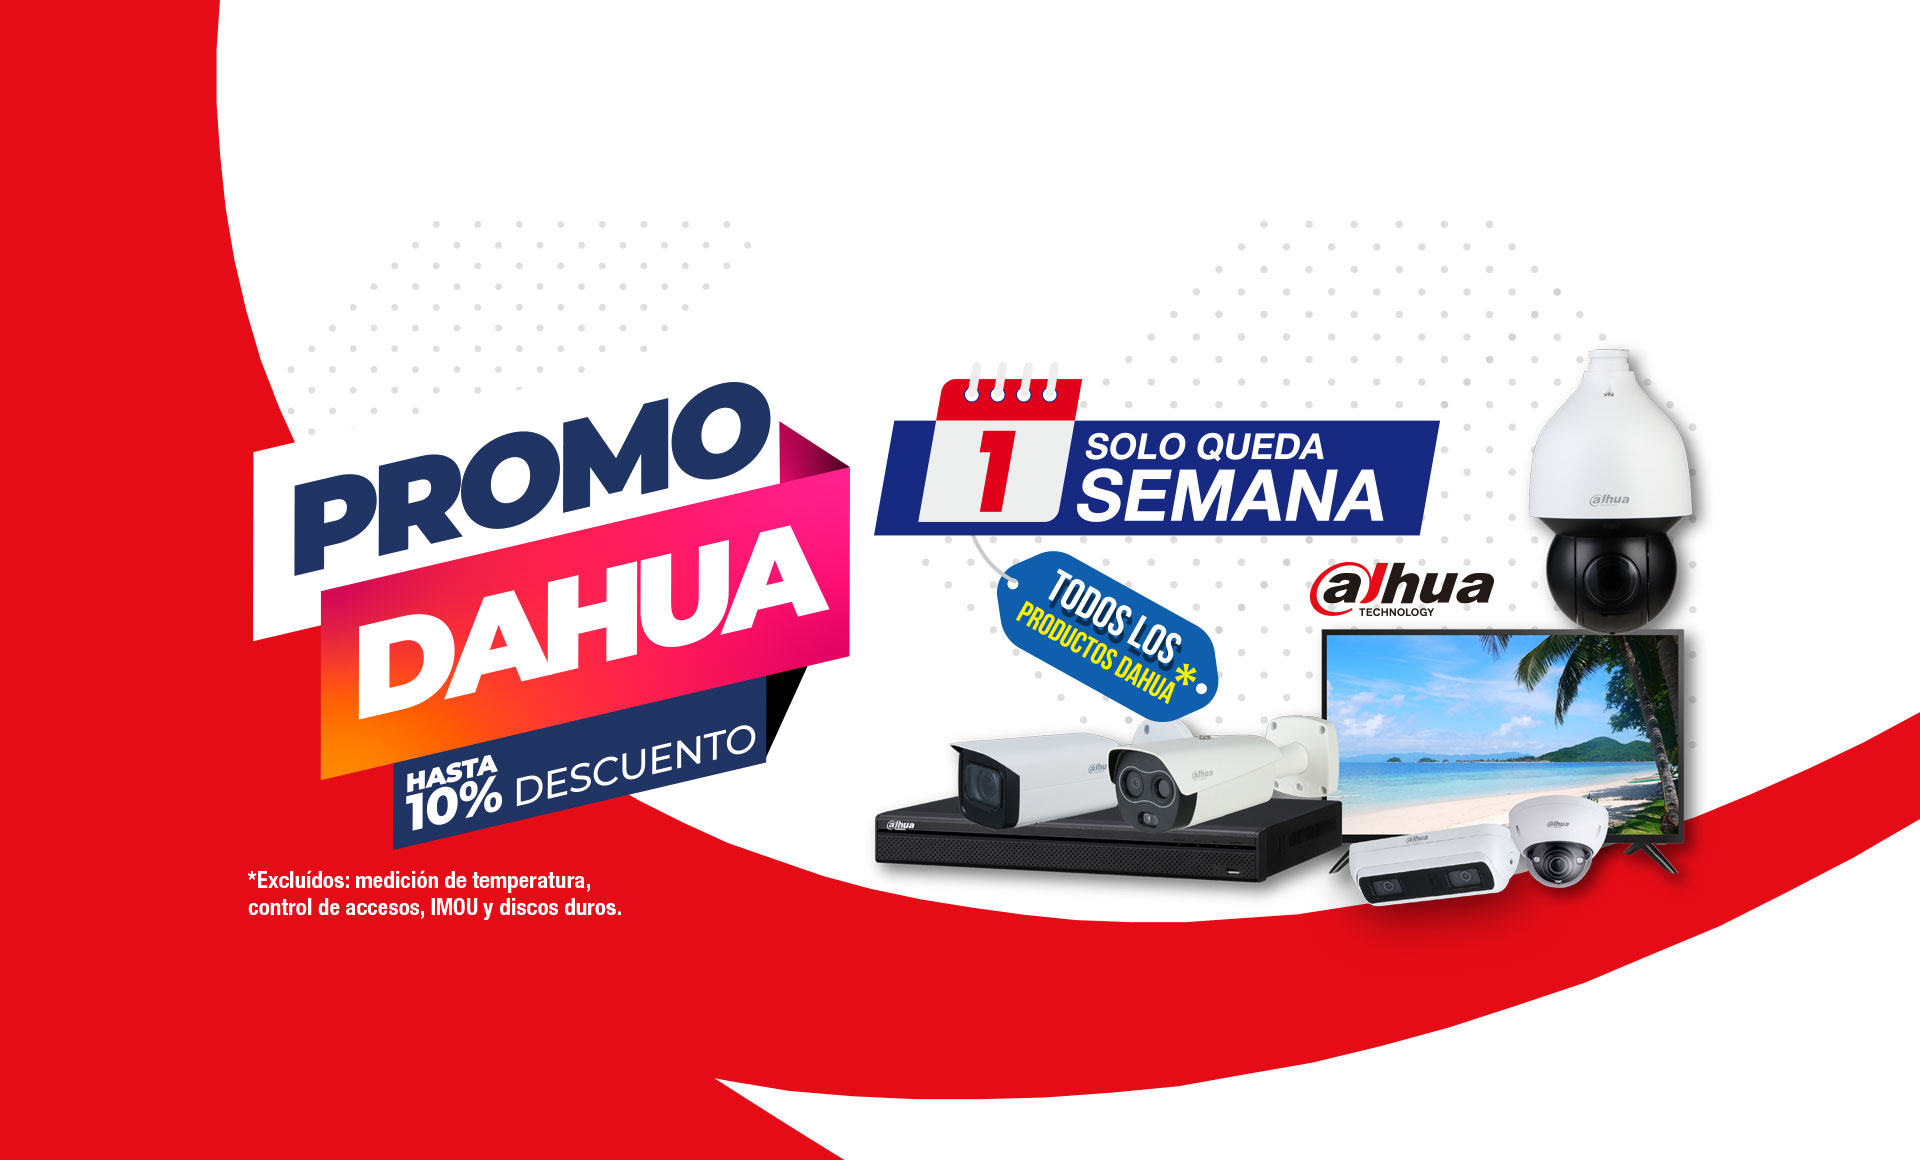 <b>¡Hasta 10% de descuento adicional en productos DAHUA!</b>